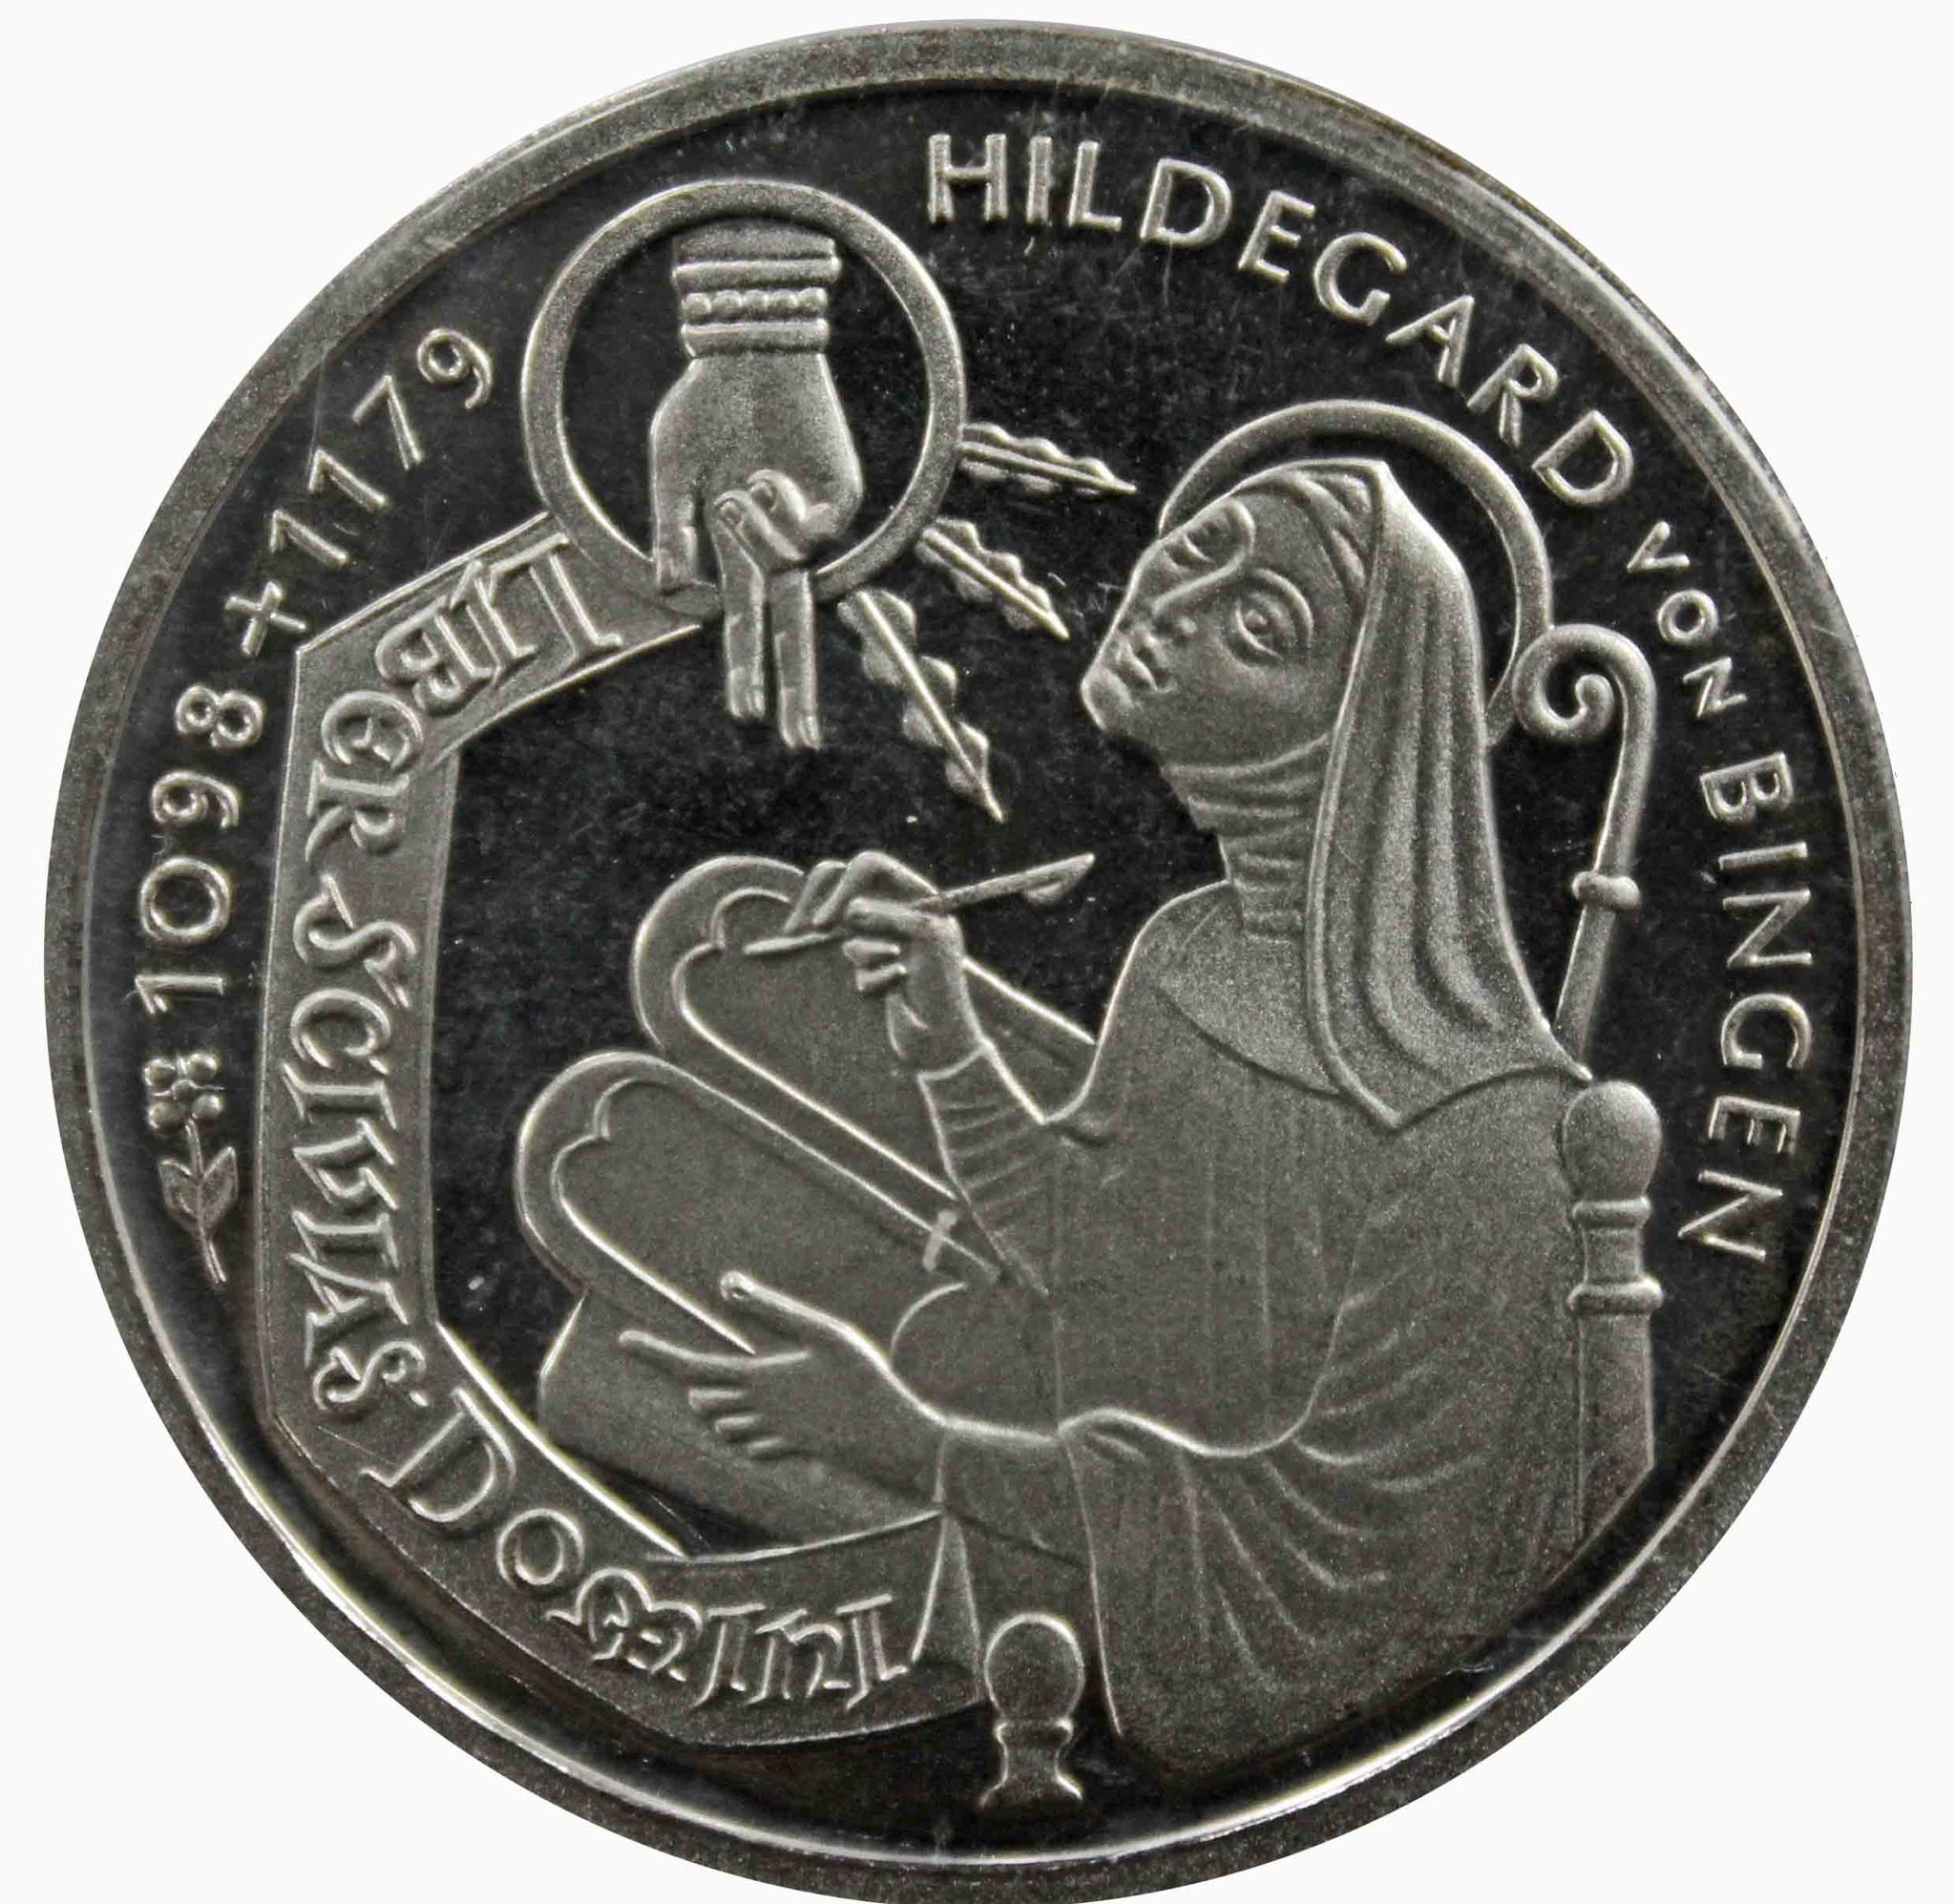 10 марок. 900 лет со дня рождения Хильдегард из Бингена (G) Серебро. 1998 г. PROOF. В родной запайке